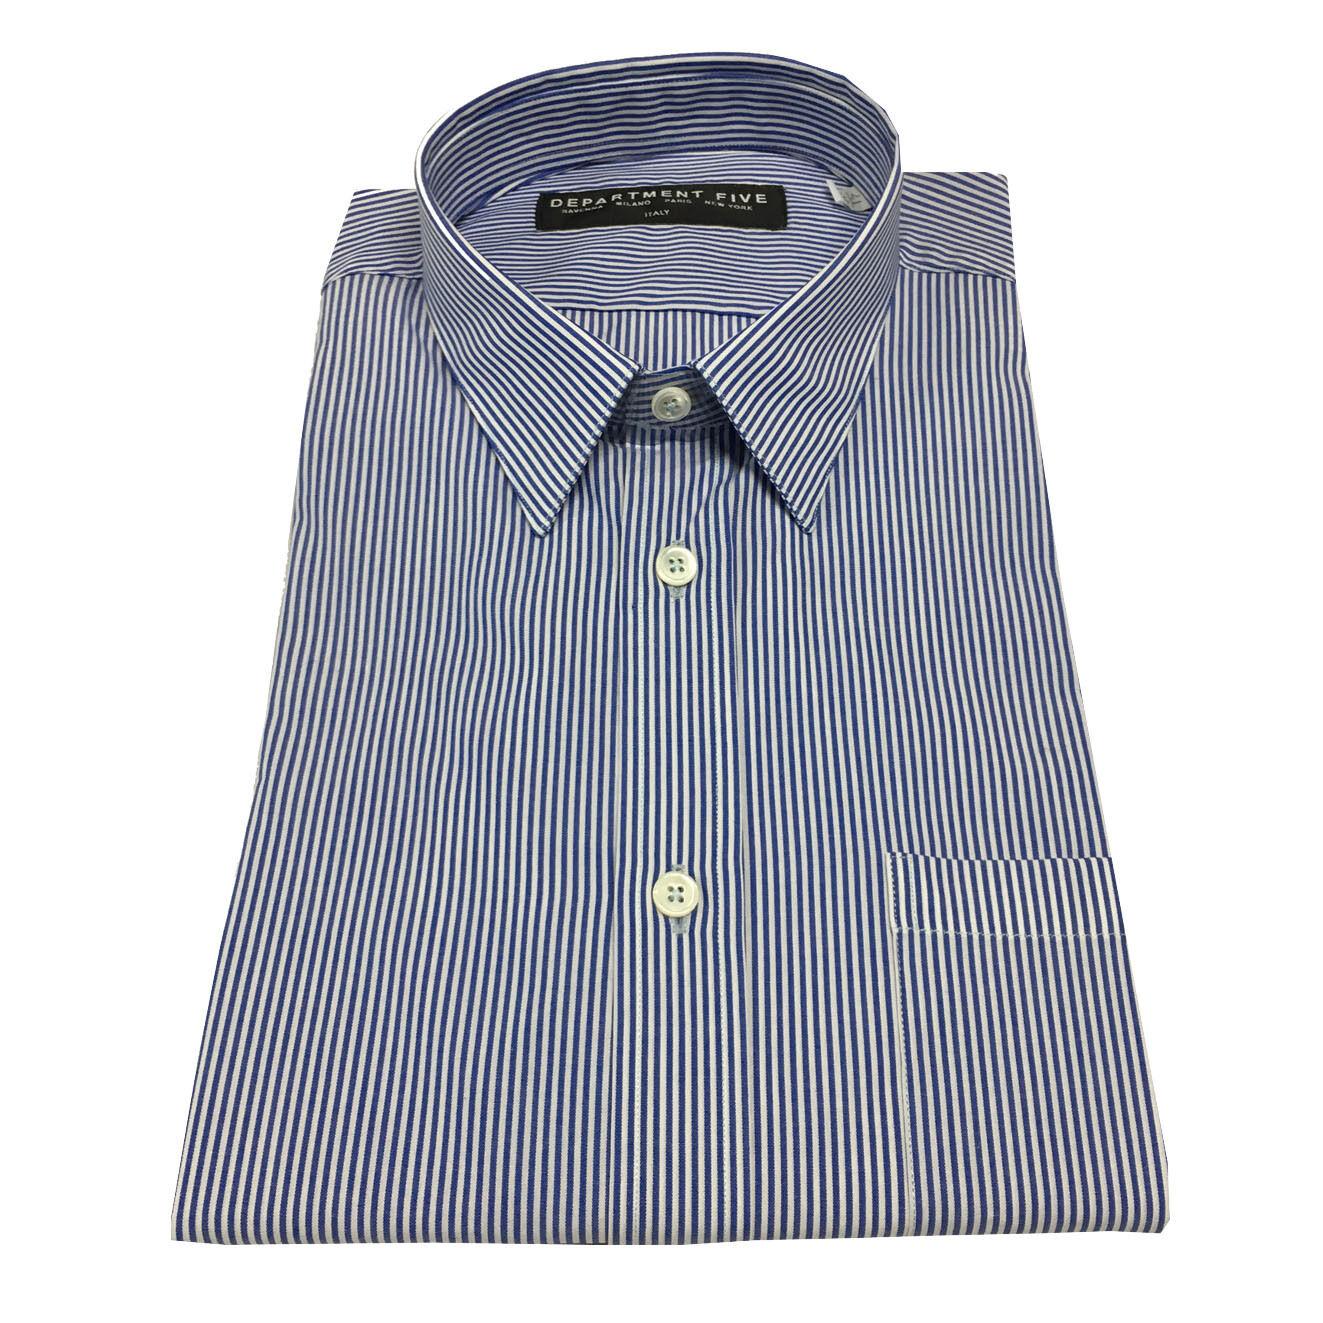 DEPARTMENT 5 Herrenhemd mit Tasche Streifen blau/weiß 100% Baumwolle schlank